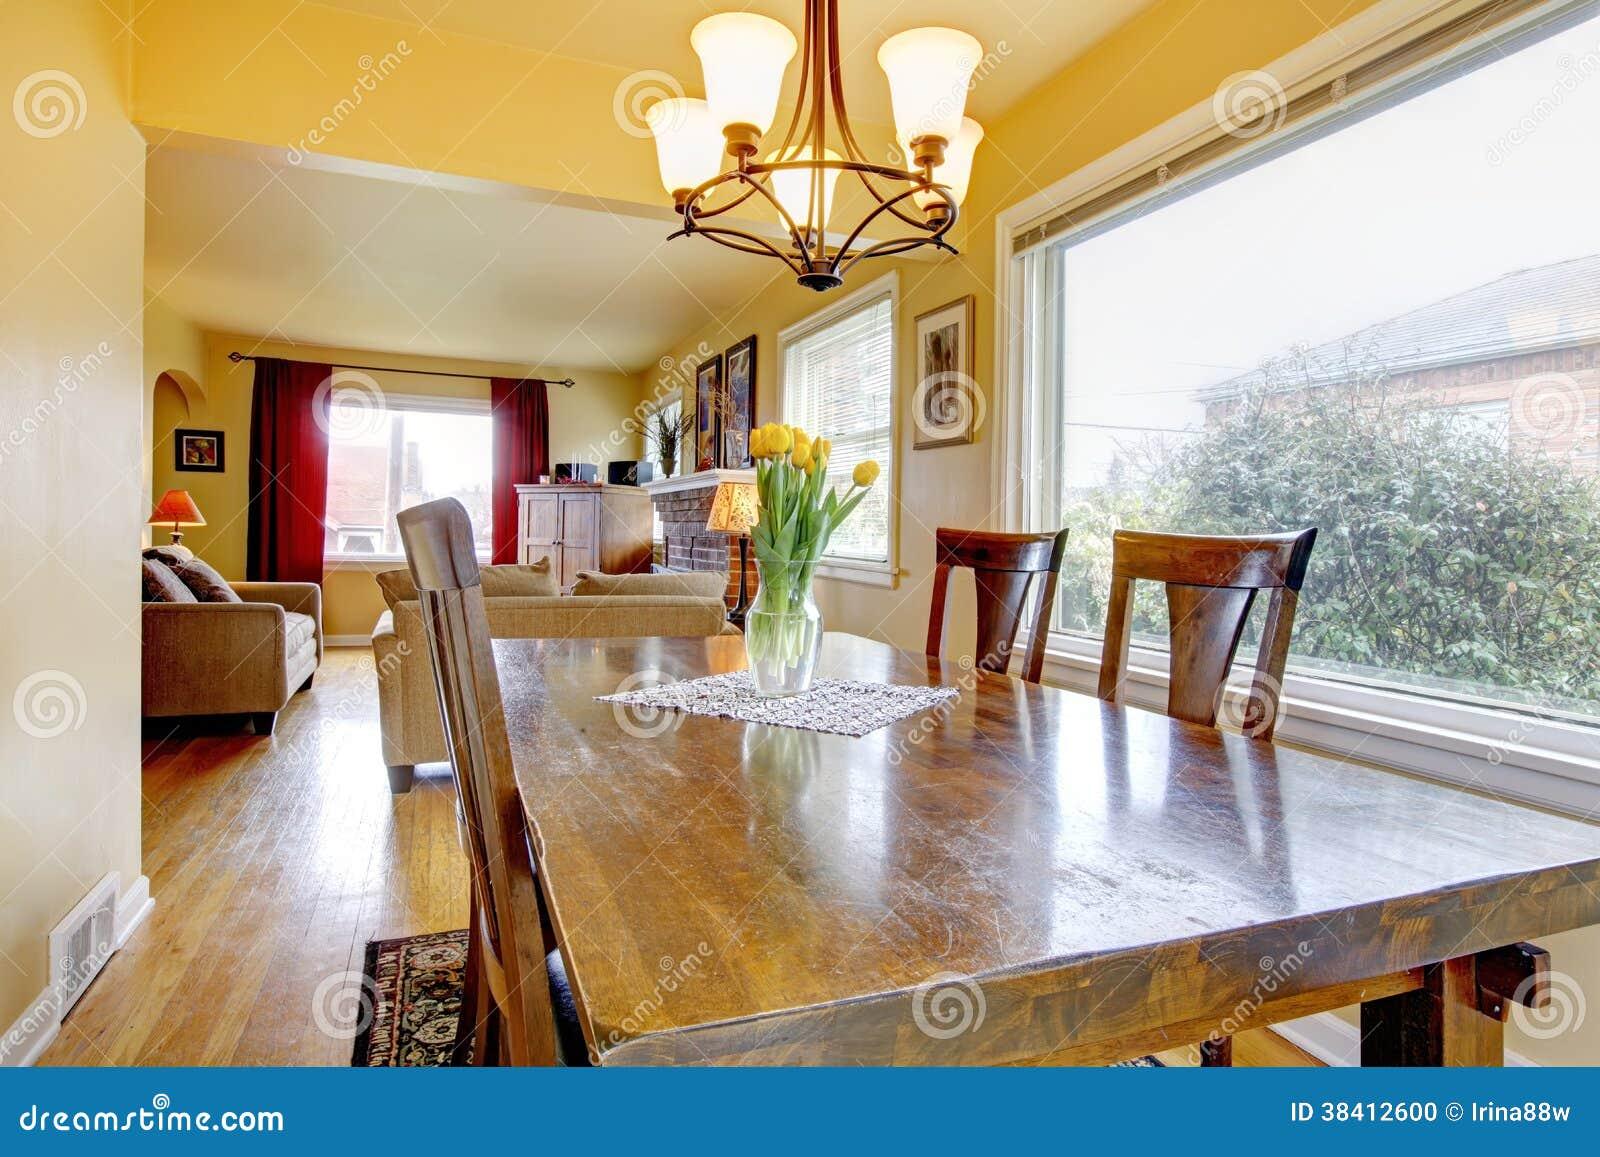 Hemtrevlig liten matsal. sikt av vardagsrummet arkivfoto   bild ...